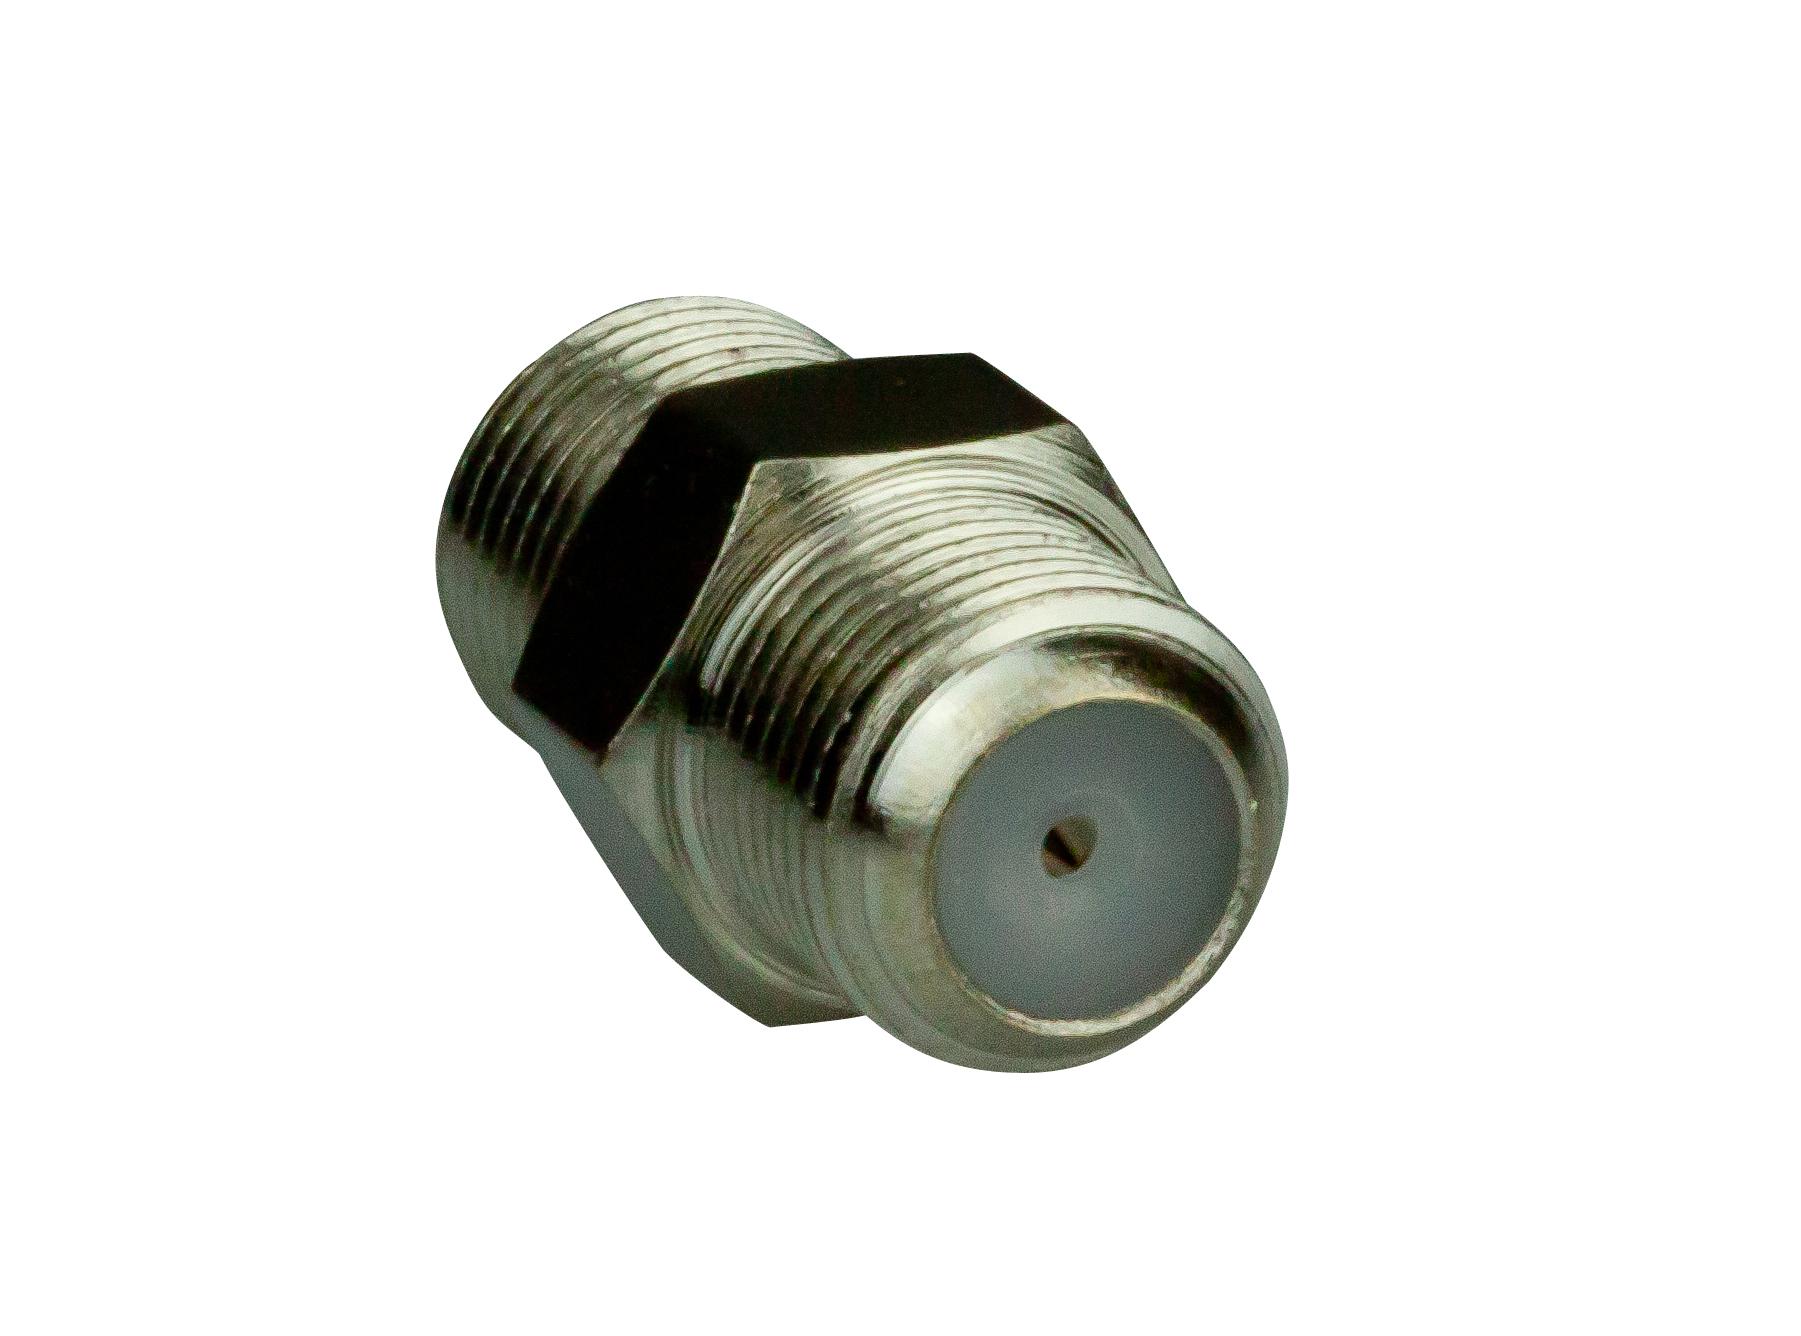 1 Stk Koax Kupplung F-Buchse auf F-Buchse XC1600702-